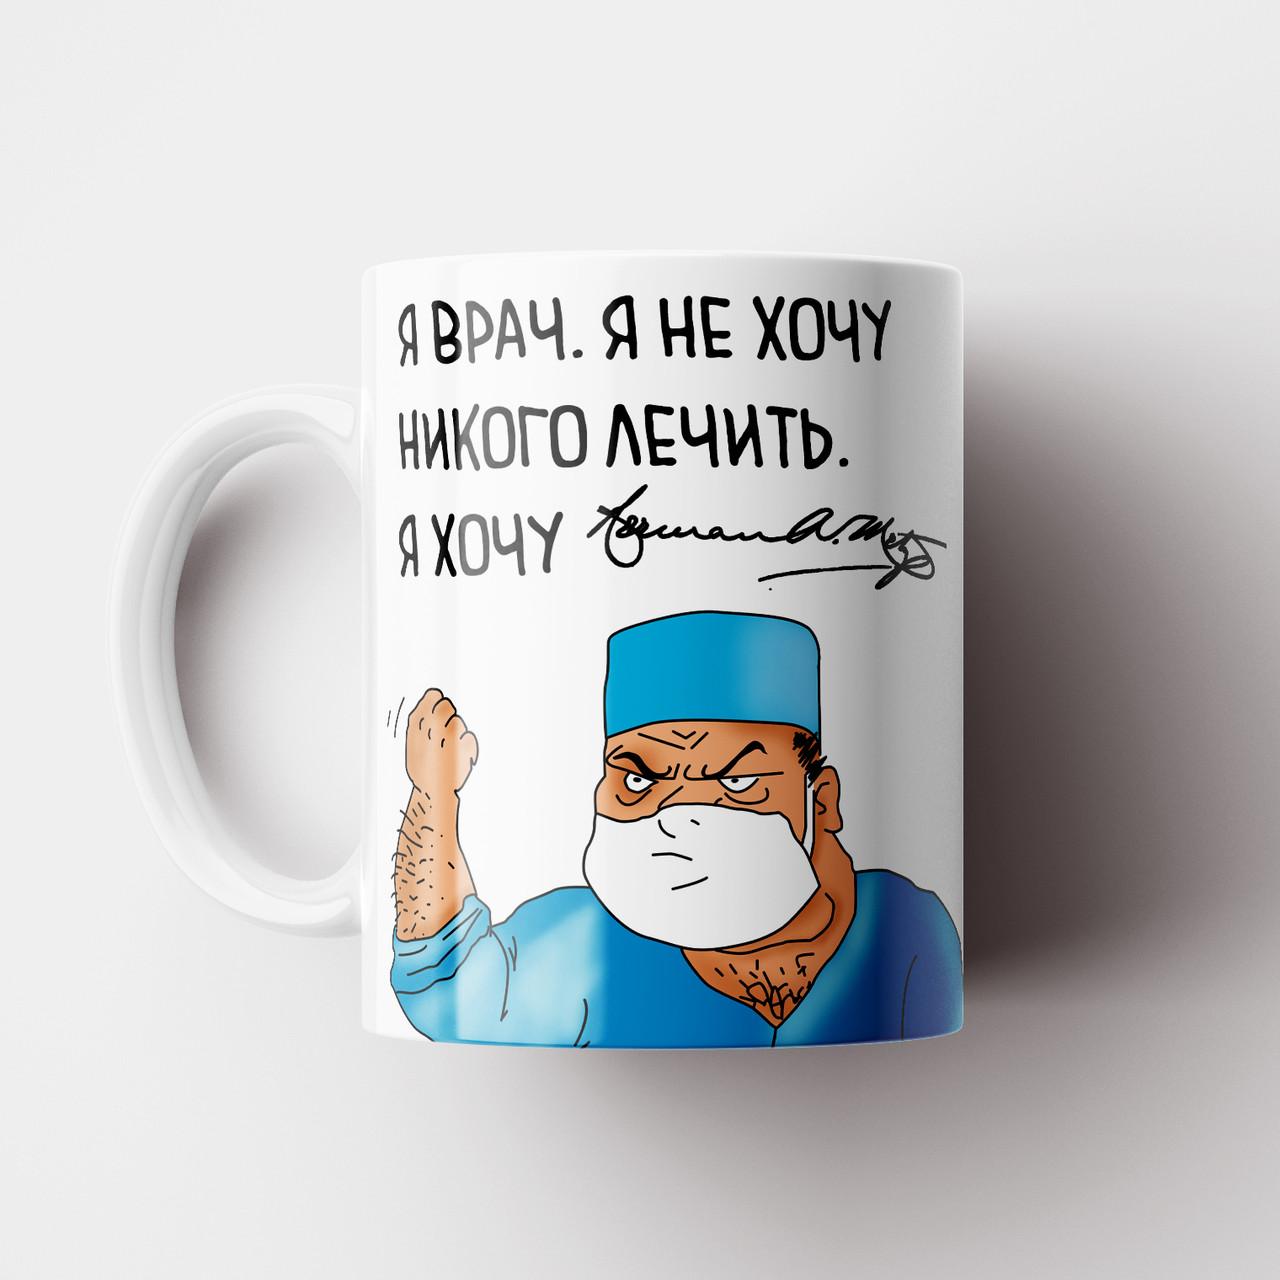 """Чашка подарок врачу. Кружка с принтом """"Я Врач, я не хочу никого лечить"""". Чашка с фото"""